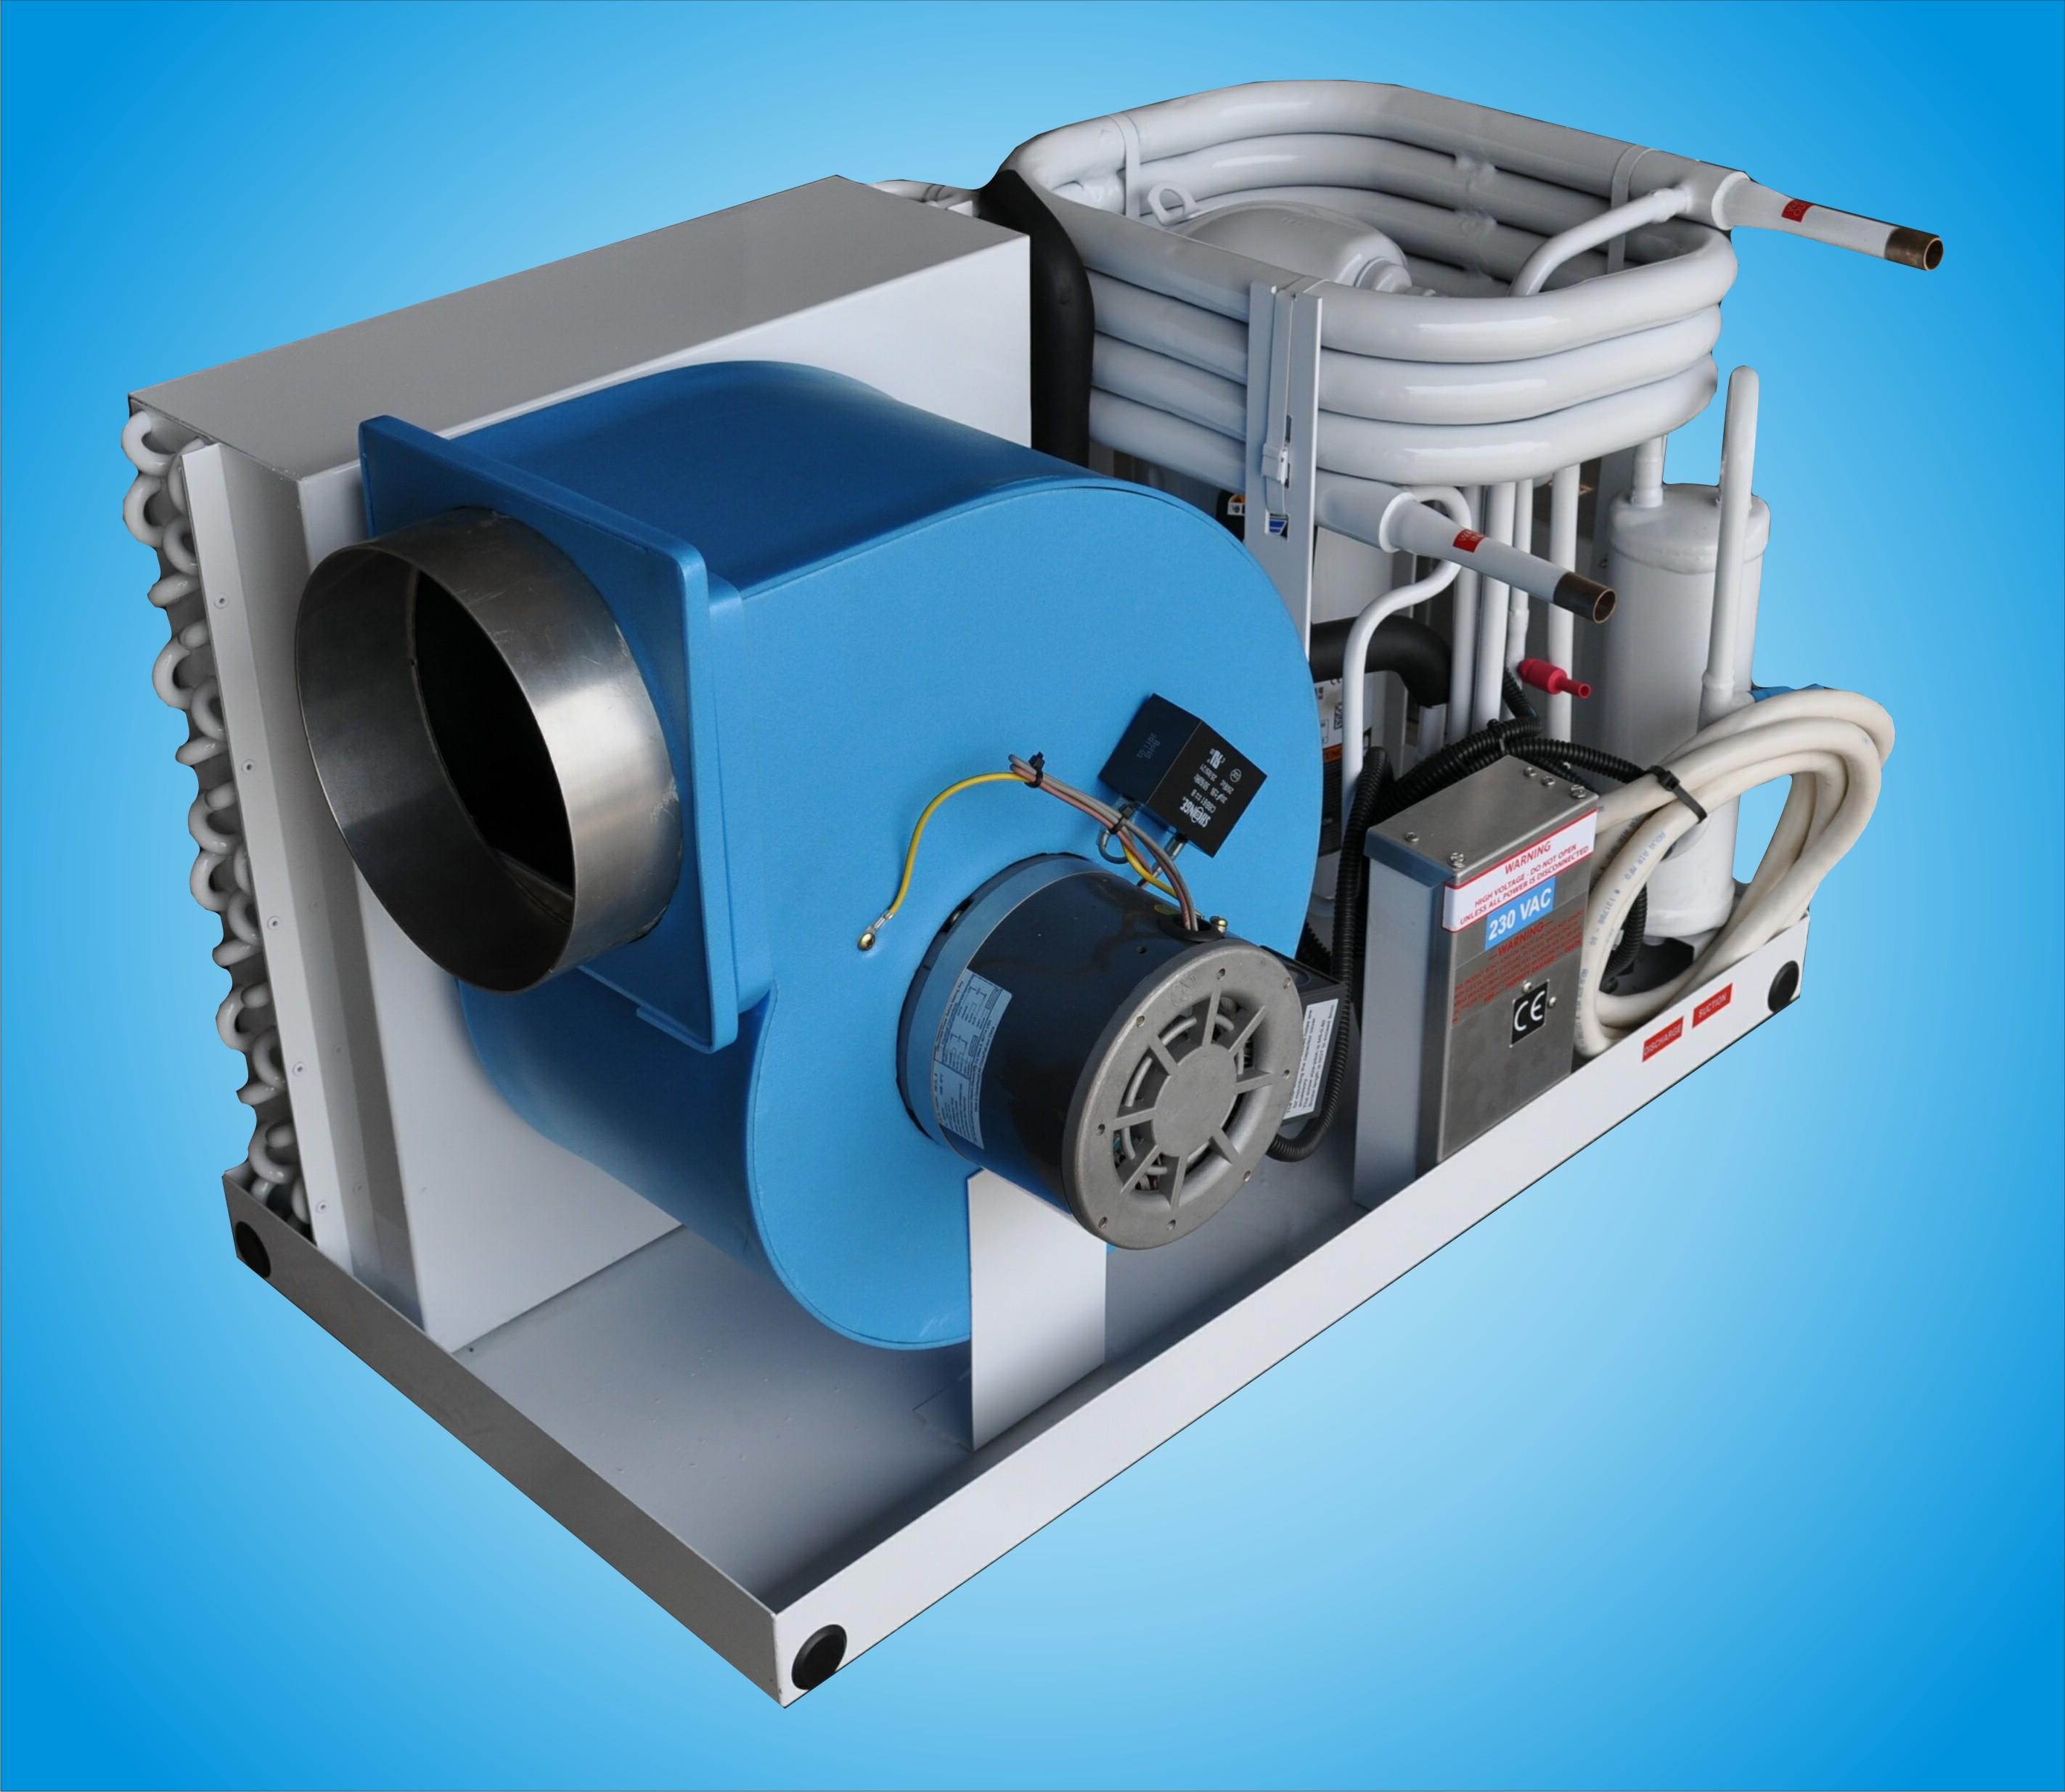 Marine Air Conditioning : Marine air conditioner aqua btuh w digital